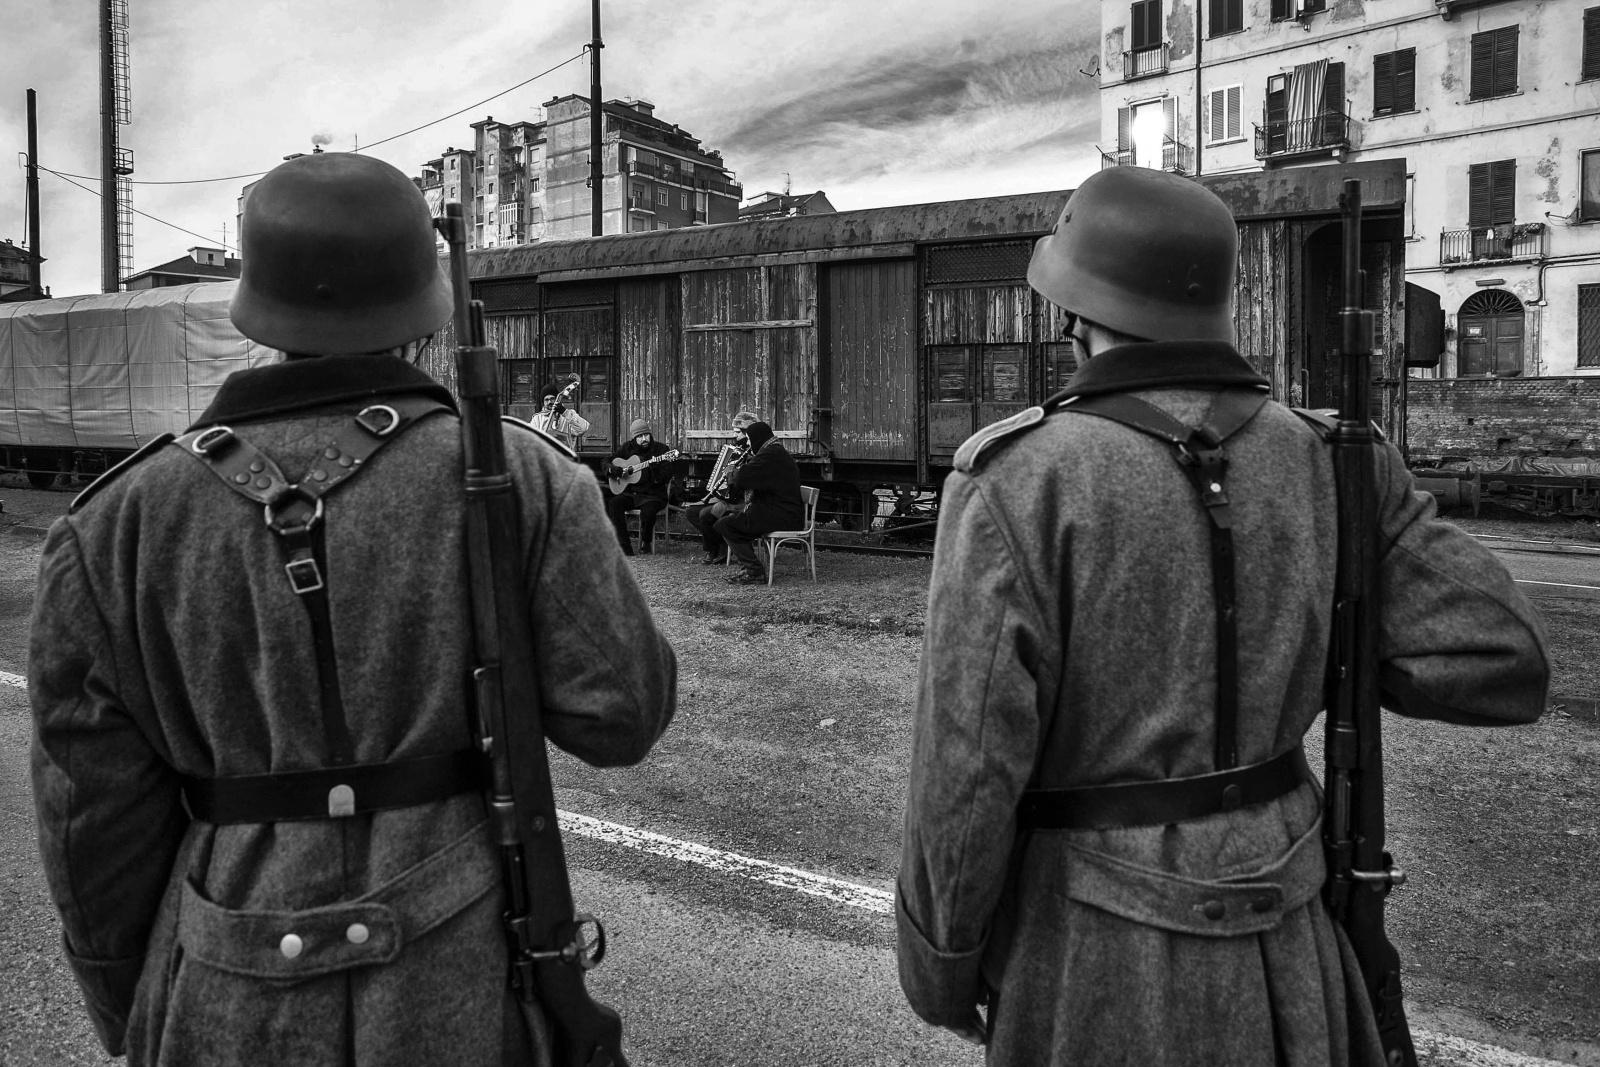 """Torino, lo spettacolo teatrale  """"La memoria rende liberi"""", allestito e messo in scena dall'Associazione Liberipensatori """"Paul Valéry"""" in occasione del  70° Anniversario della liberazione del campo di concentramento di Auschwitz e di Birkenau da parte delle truppe dell'Armata Rossa"""